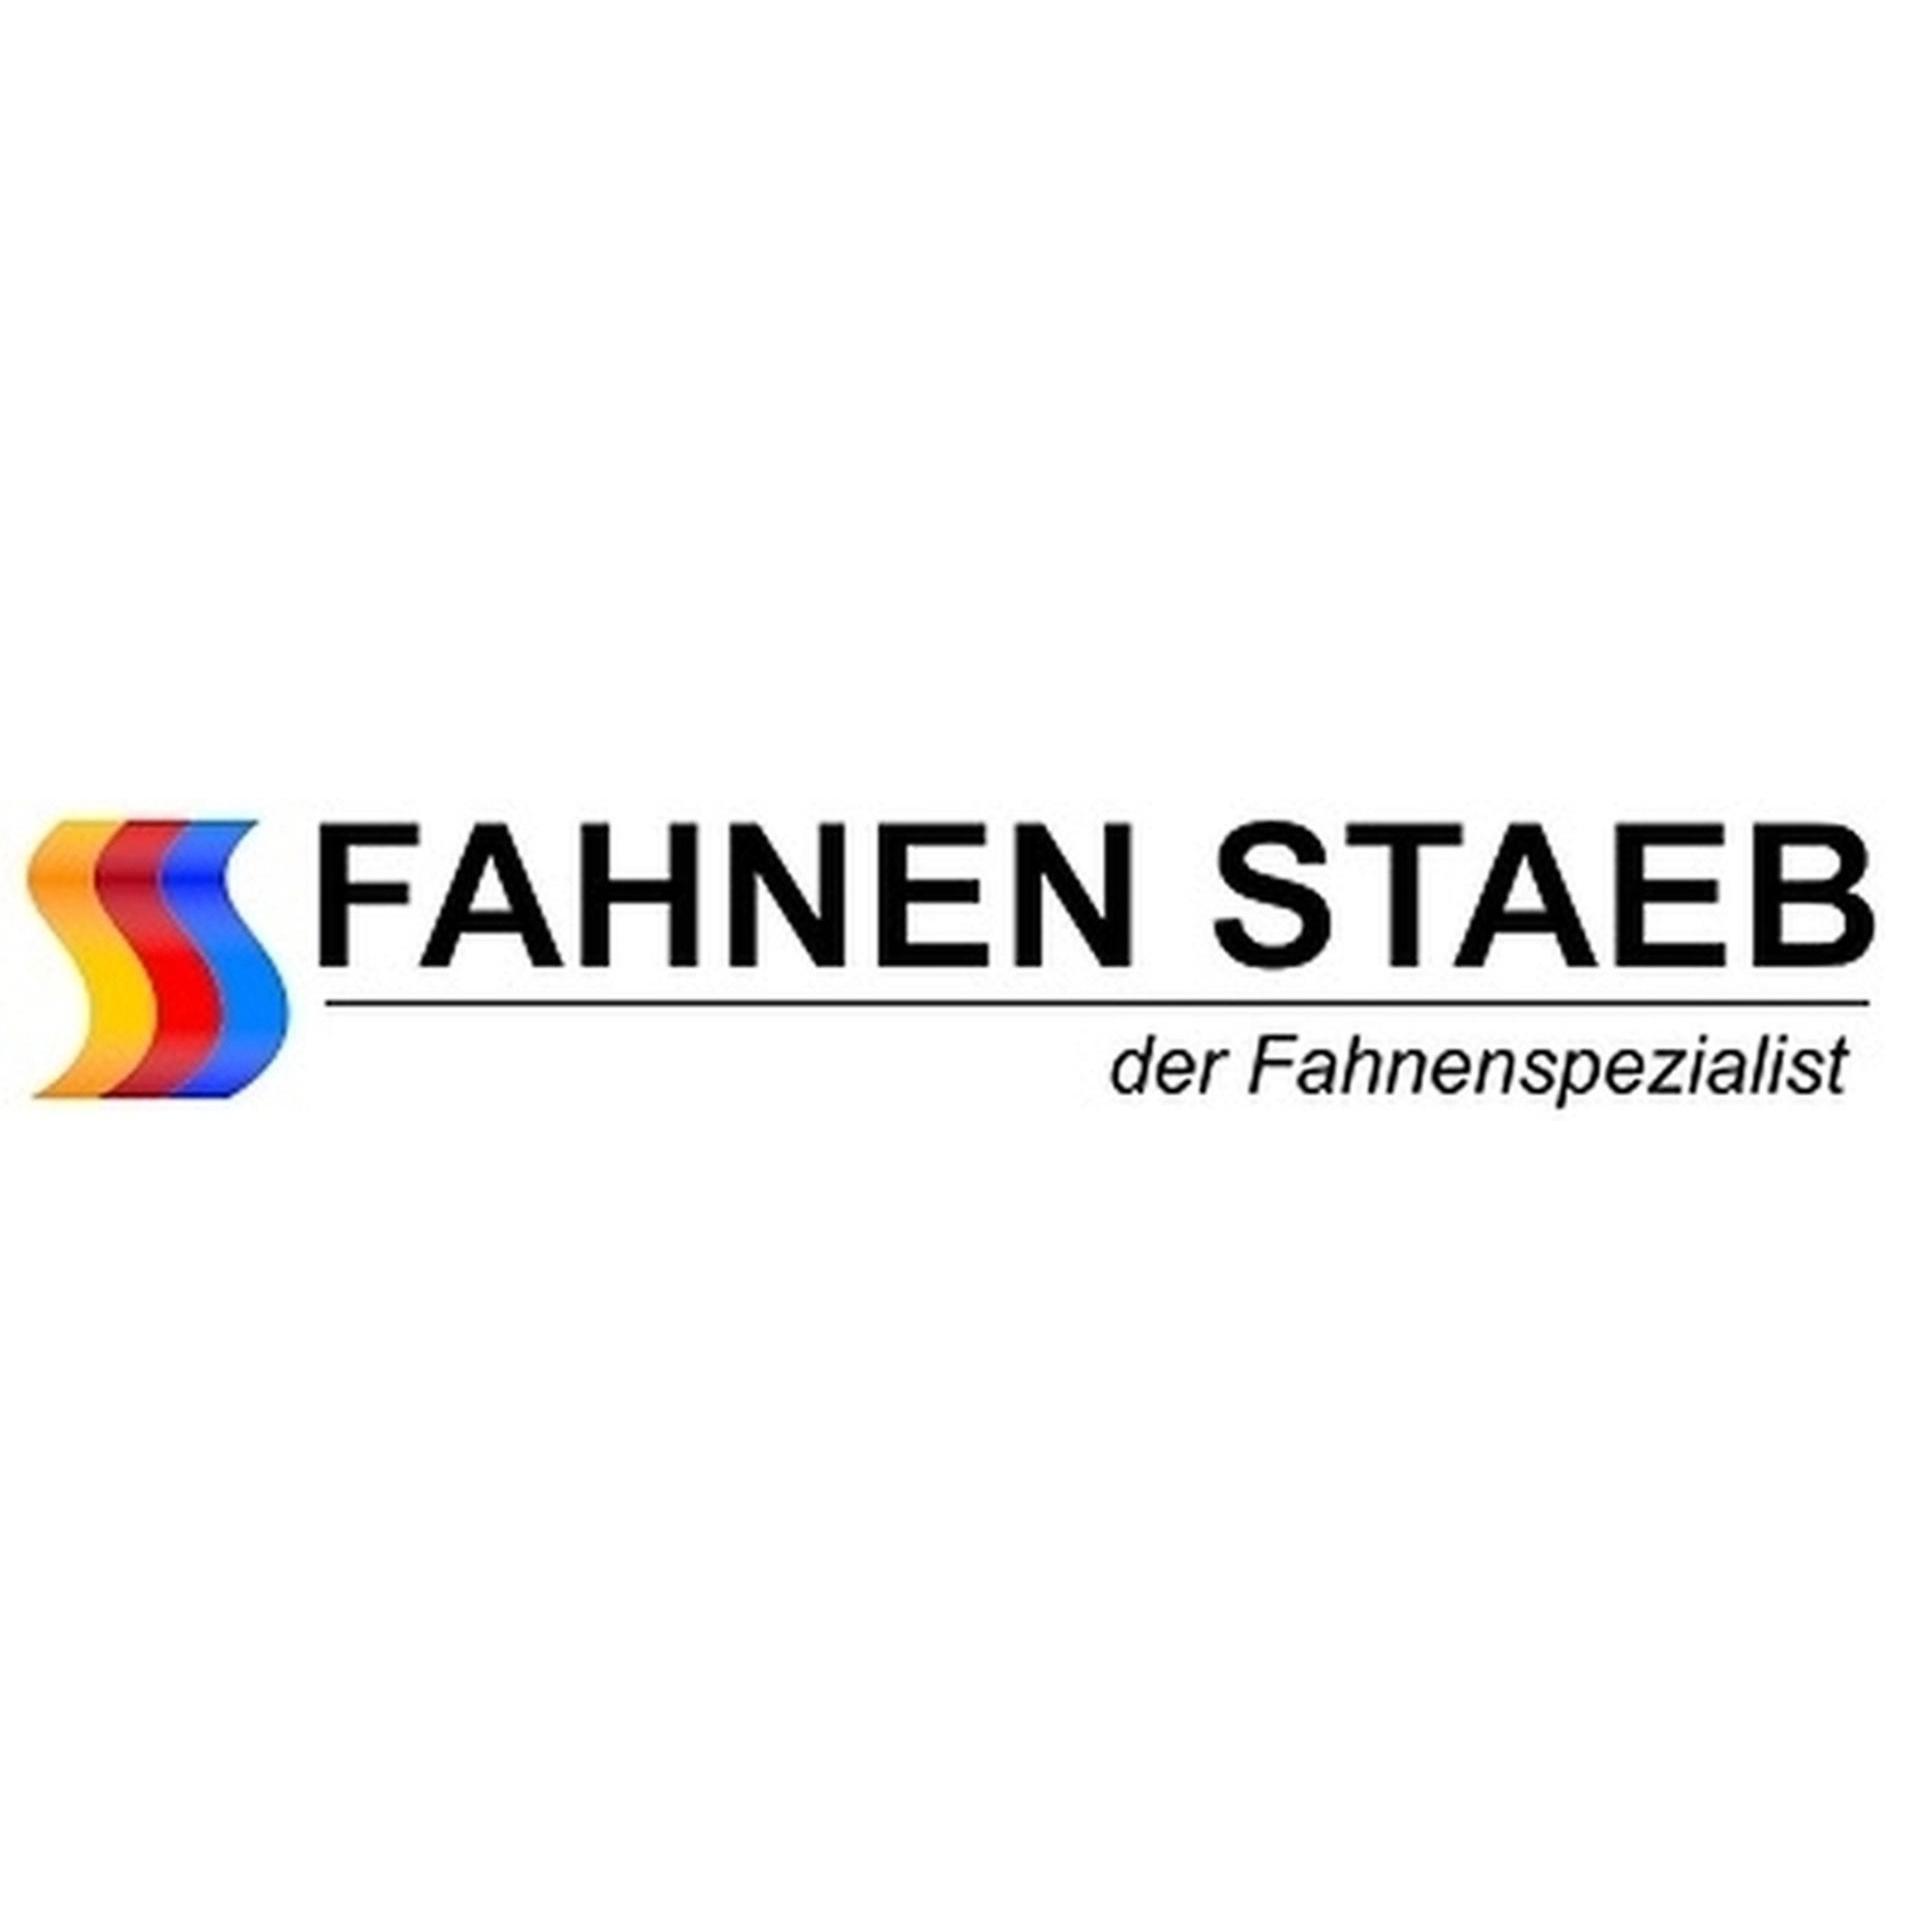 Bild zu FAHNENSTAEB OHG in Freiburg im Breisgau